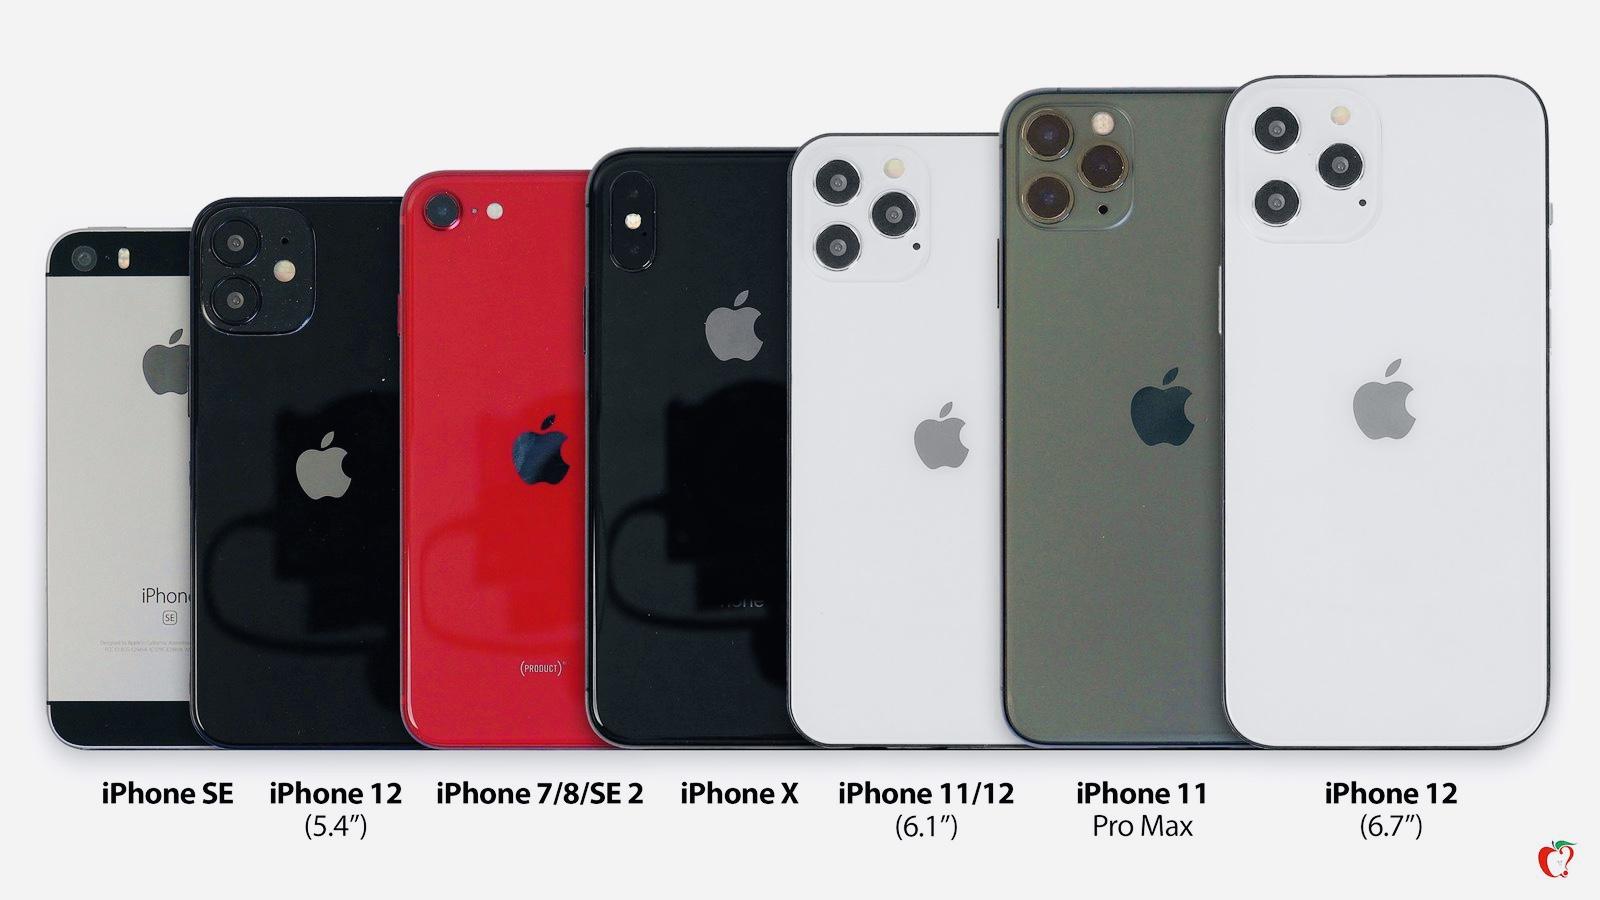 Сравнение размеров iPhone 12 и 12 Pro со всеми моделями айфонов